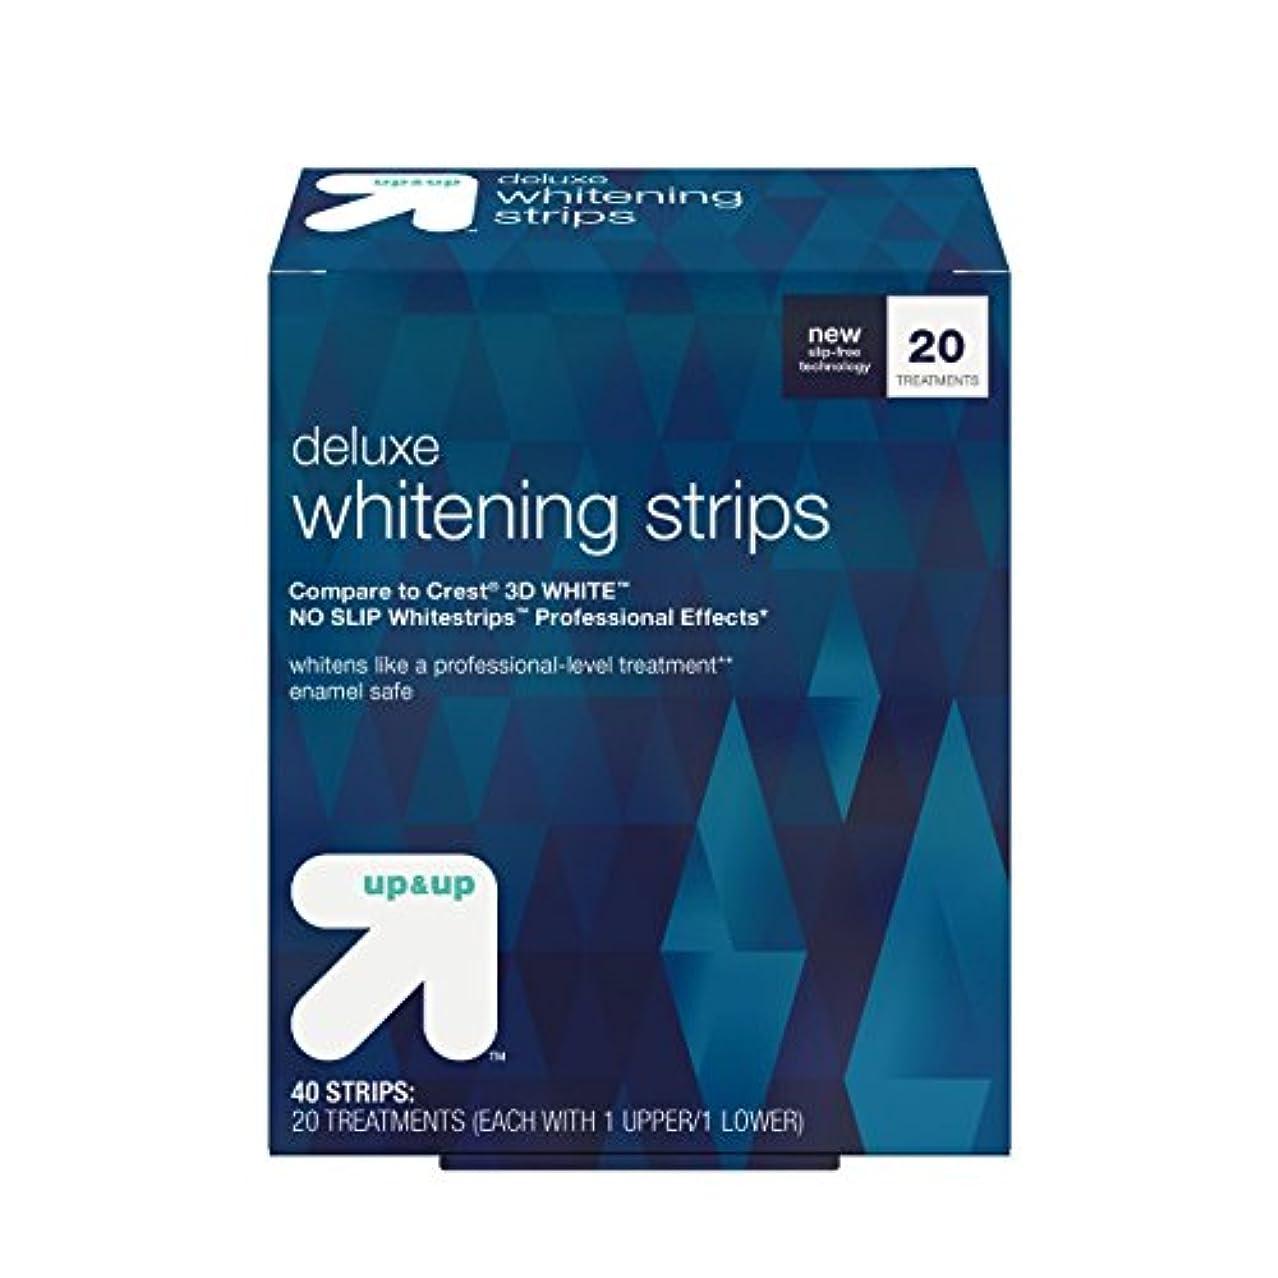 推定する送る暗殺するデラックスホワイトニングストリップス 20日分 アップ&アップ Deluxe Whitening Strips -20 Day Treatment - up & up